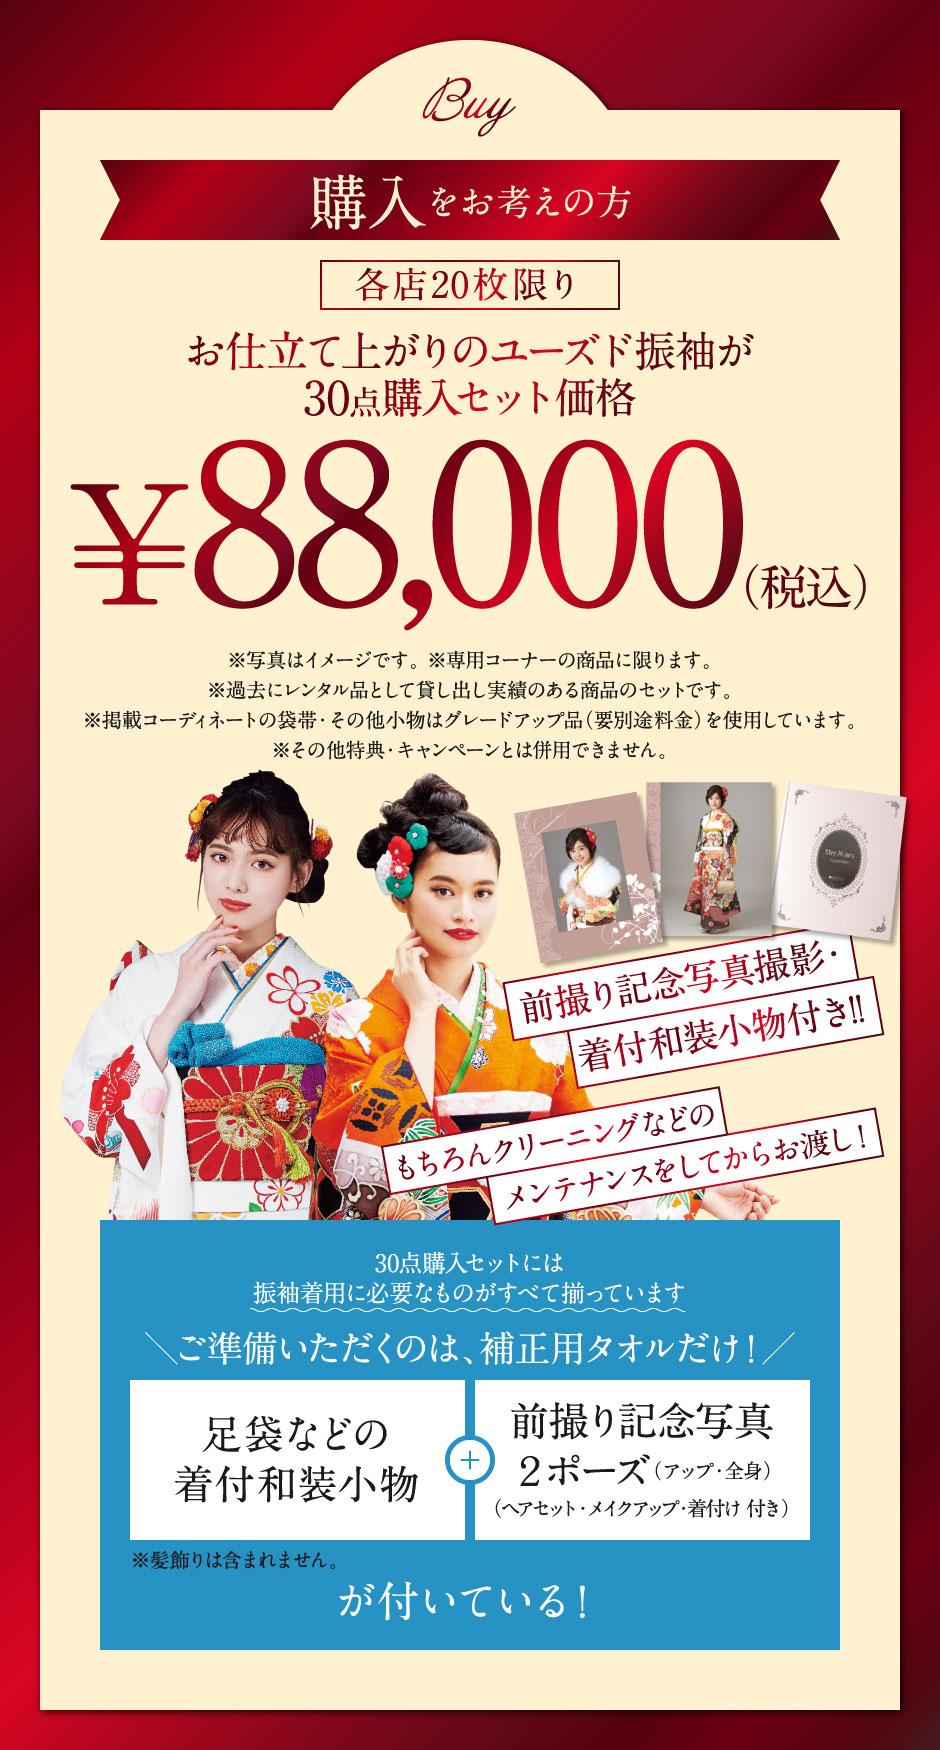 各店20枚限りお仕立て上がりのユーズド振袖が30点購入セット価格¥88,000(税込)